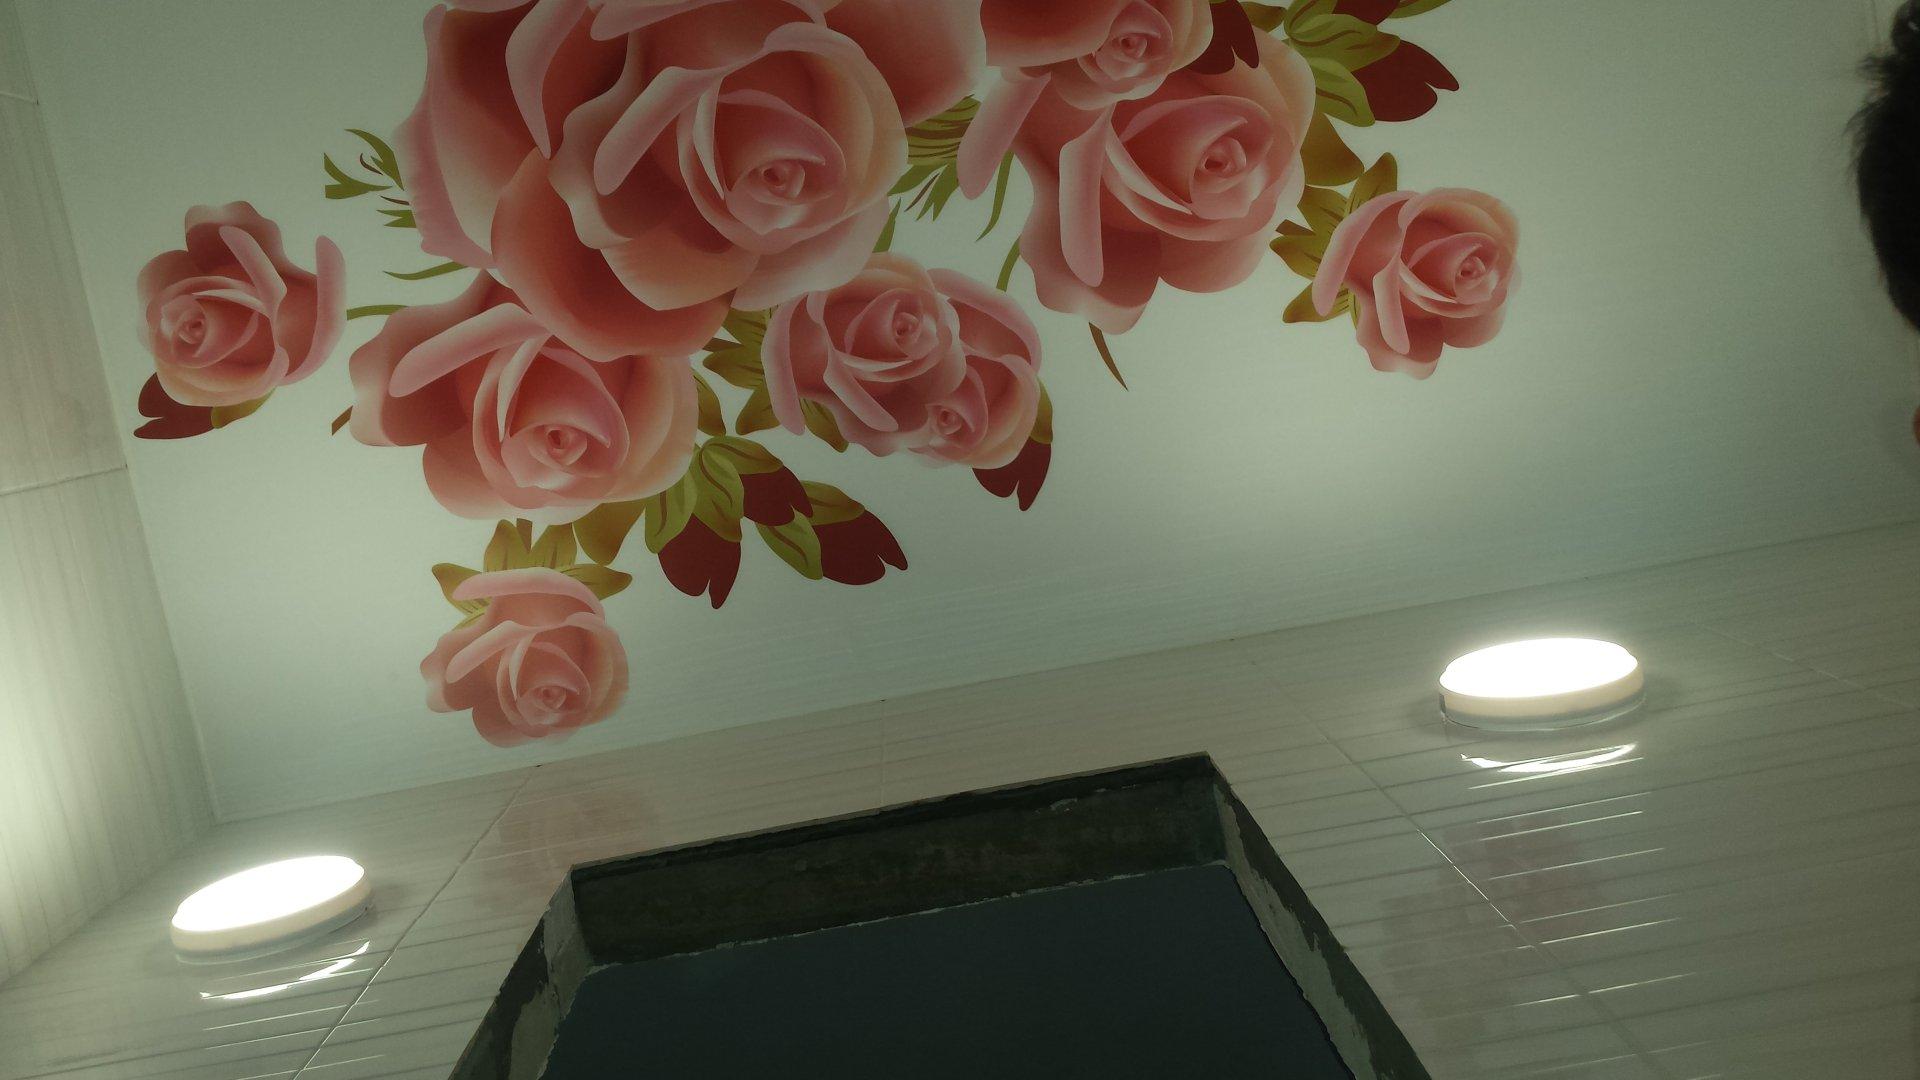 ценностью натяжные потолки с розами фото использовать